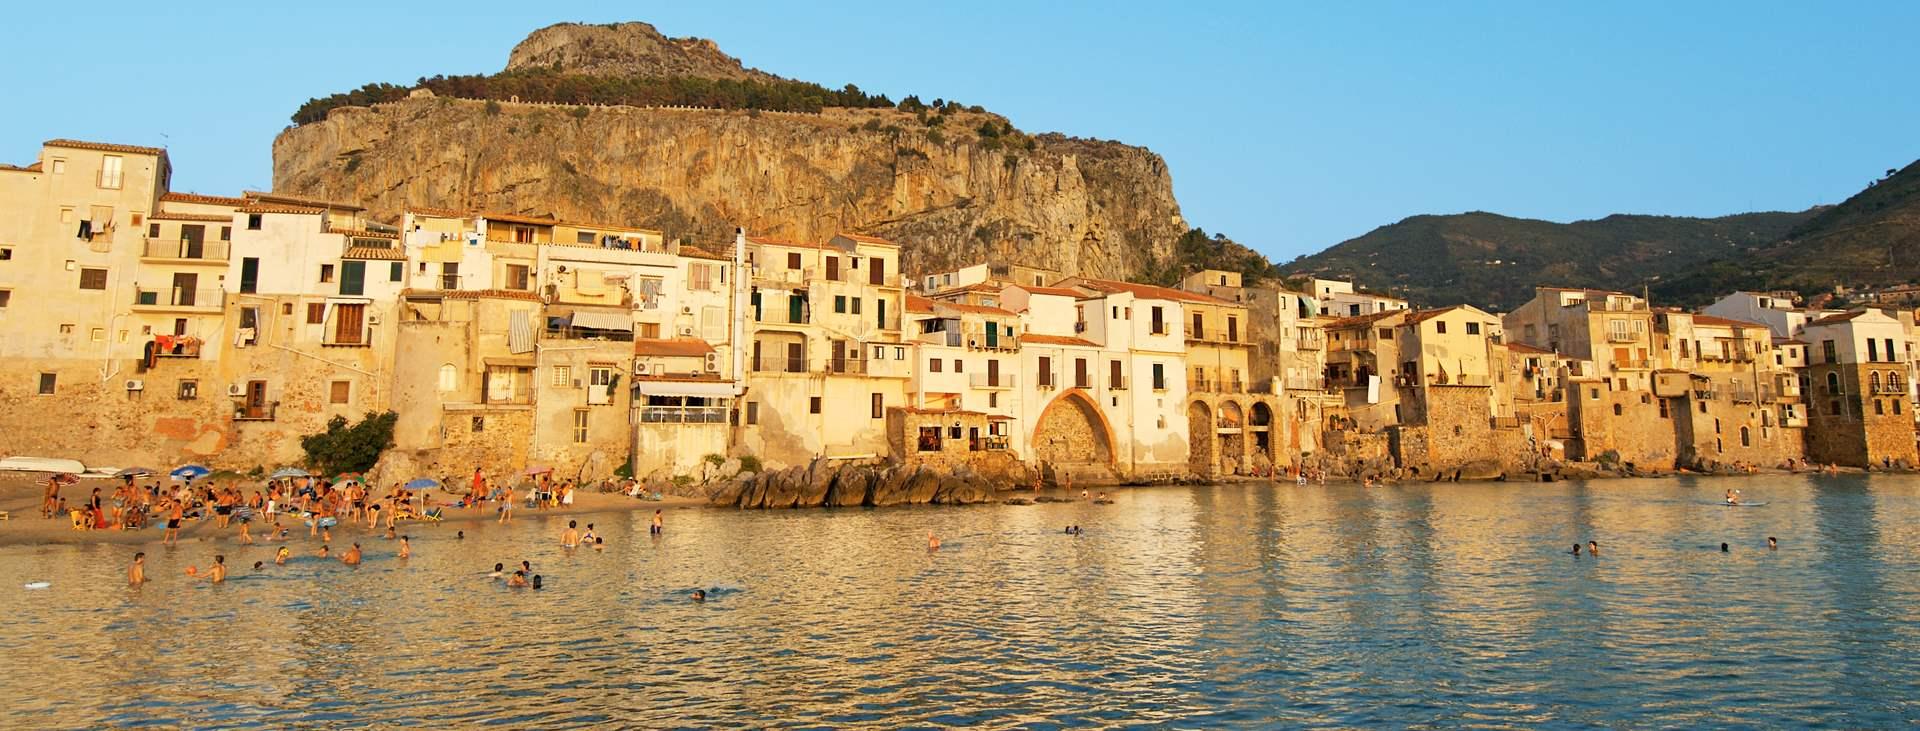 Boka din resa till Cefalu på Sicilen med Ving